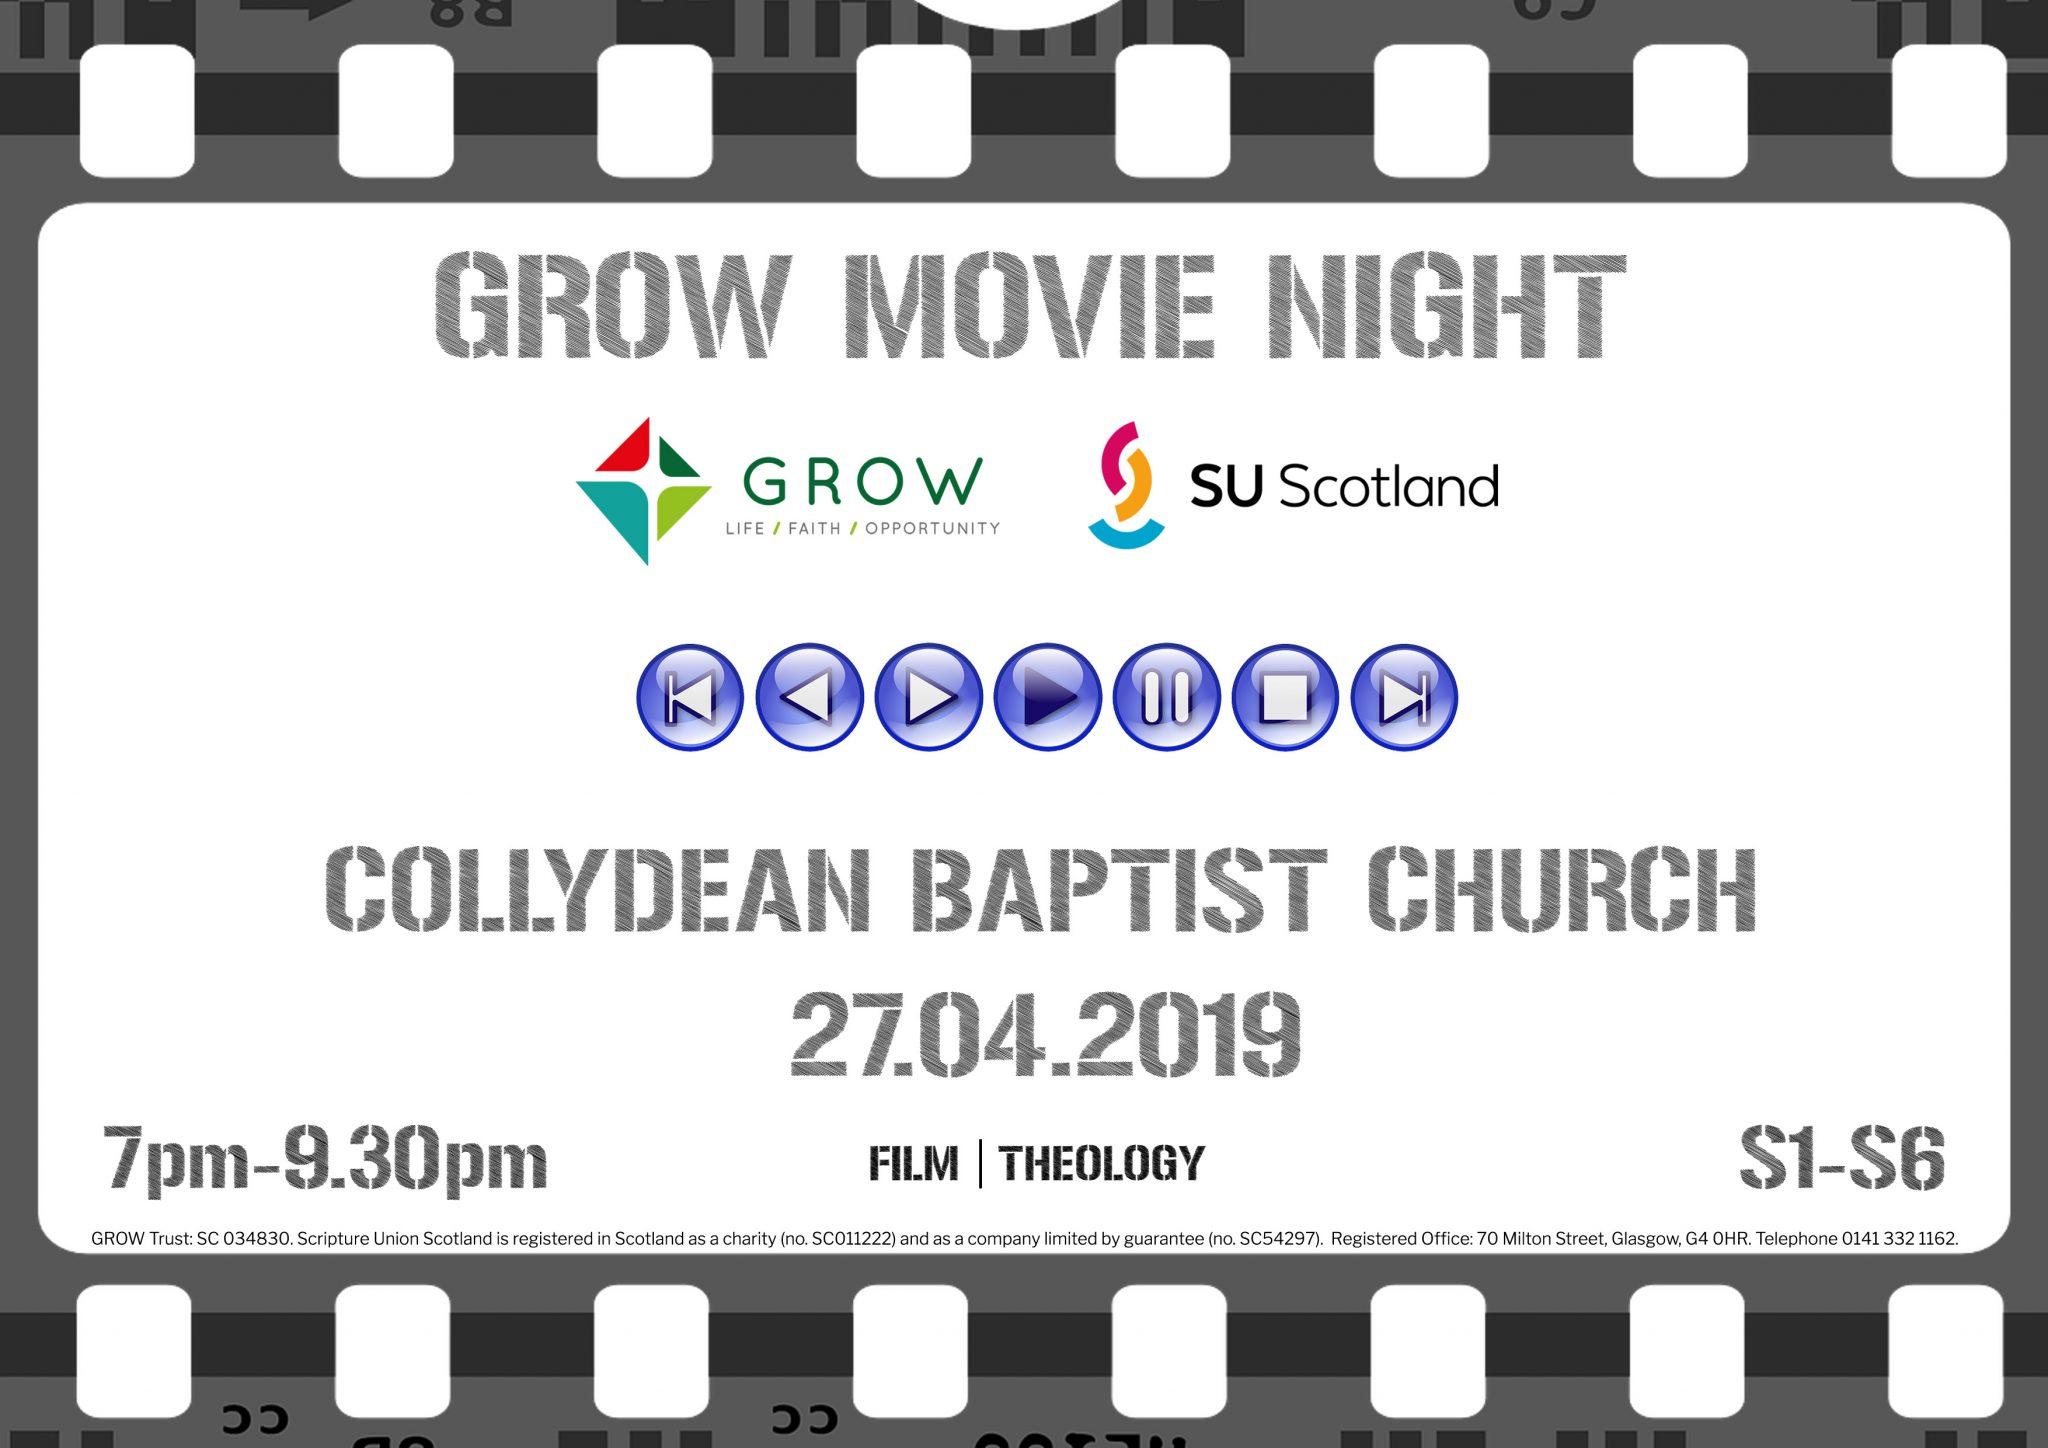 Movie Night Poster - April 2019